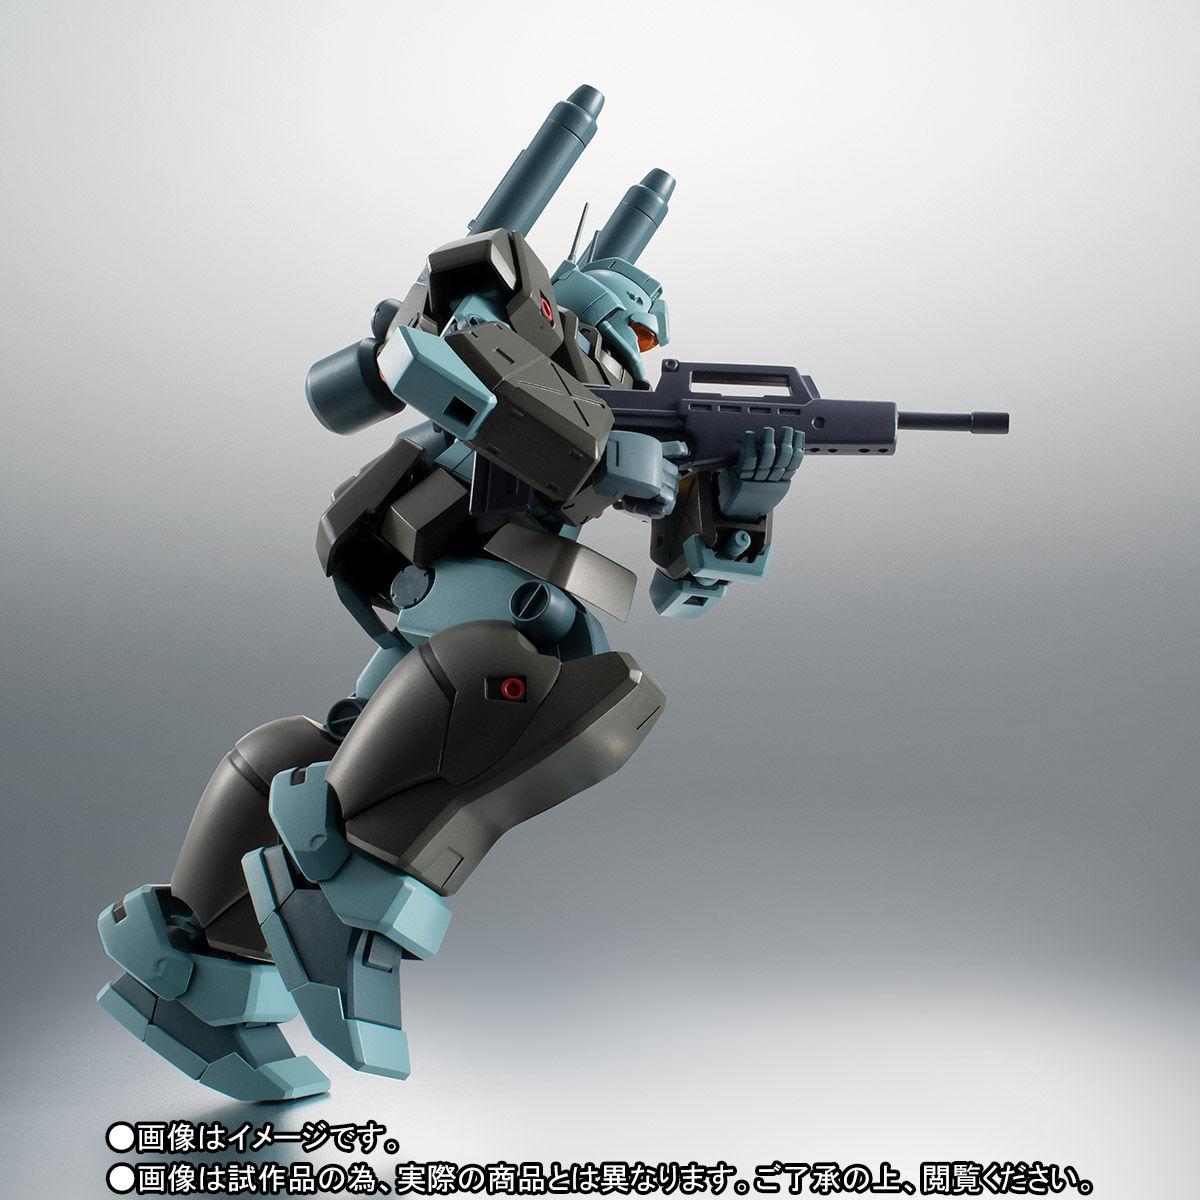 【限定販売】ROBOT魂〈SIDE MS〉『RGC-83 ジム・キャノンII ver. A.N.I.M.E.』ガンダム0083 可動フィギュア-005